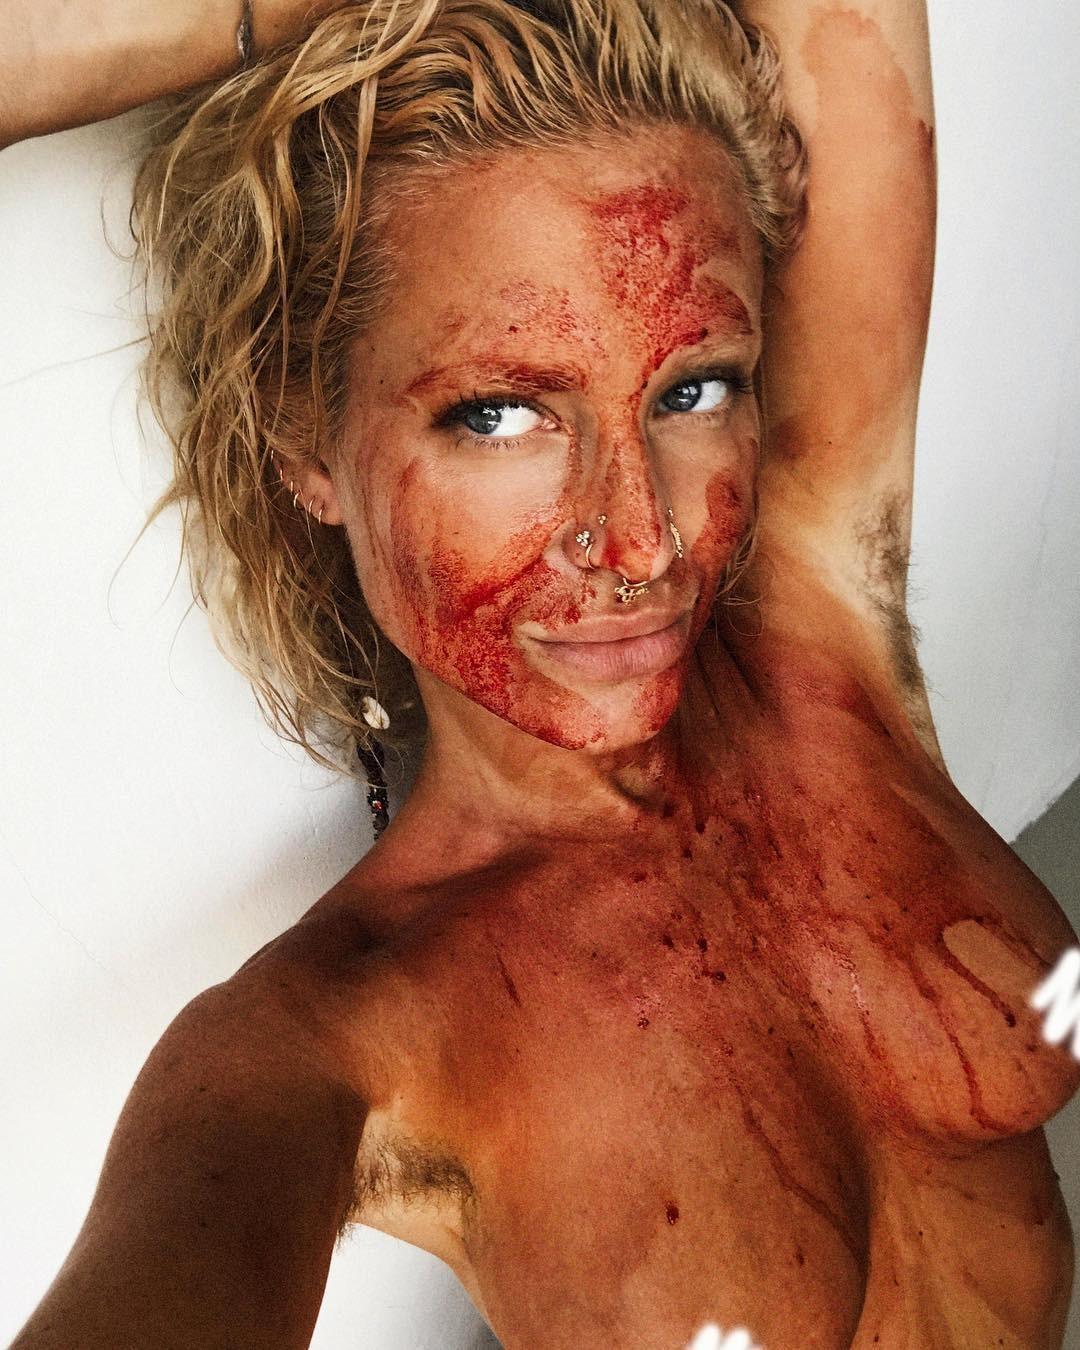 Maxinne Björk cobriu o corpo com sangue menstrual (Foto: Reprodução / Instagram)